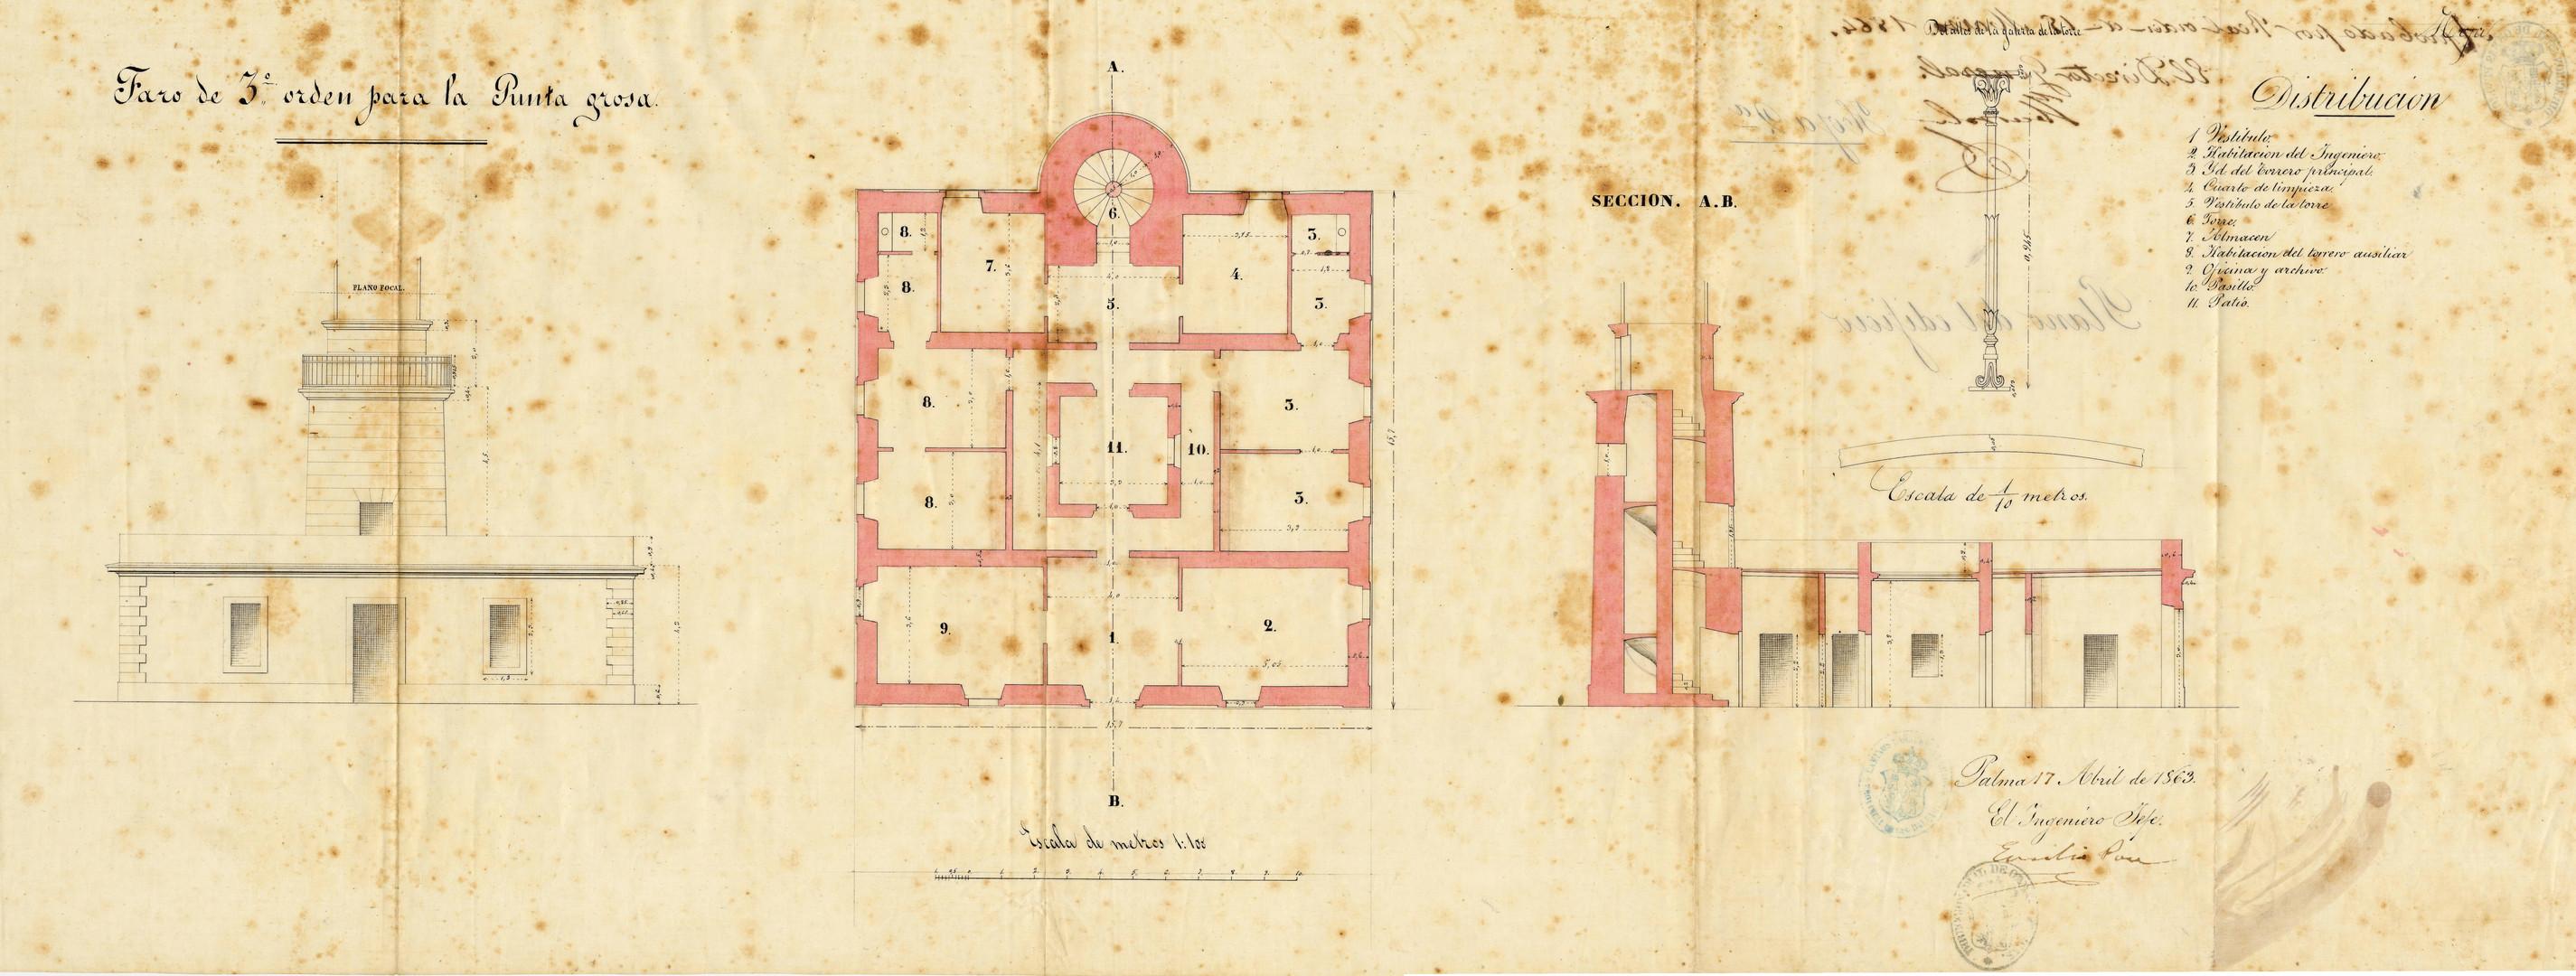 """Plànol del far de Punta Grossa, del """"Proyecto del faro de 3º orden para la Punta Grosa de Sóller"""" de Don Emilio Pou, de l'any 1863 (Arxiu Autoritat Portuària de Balears)."""